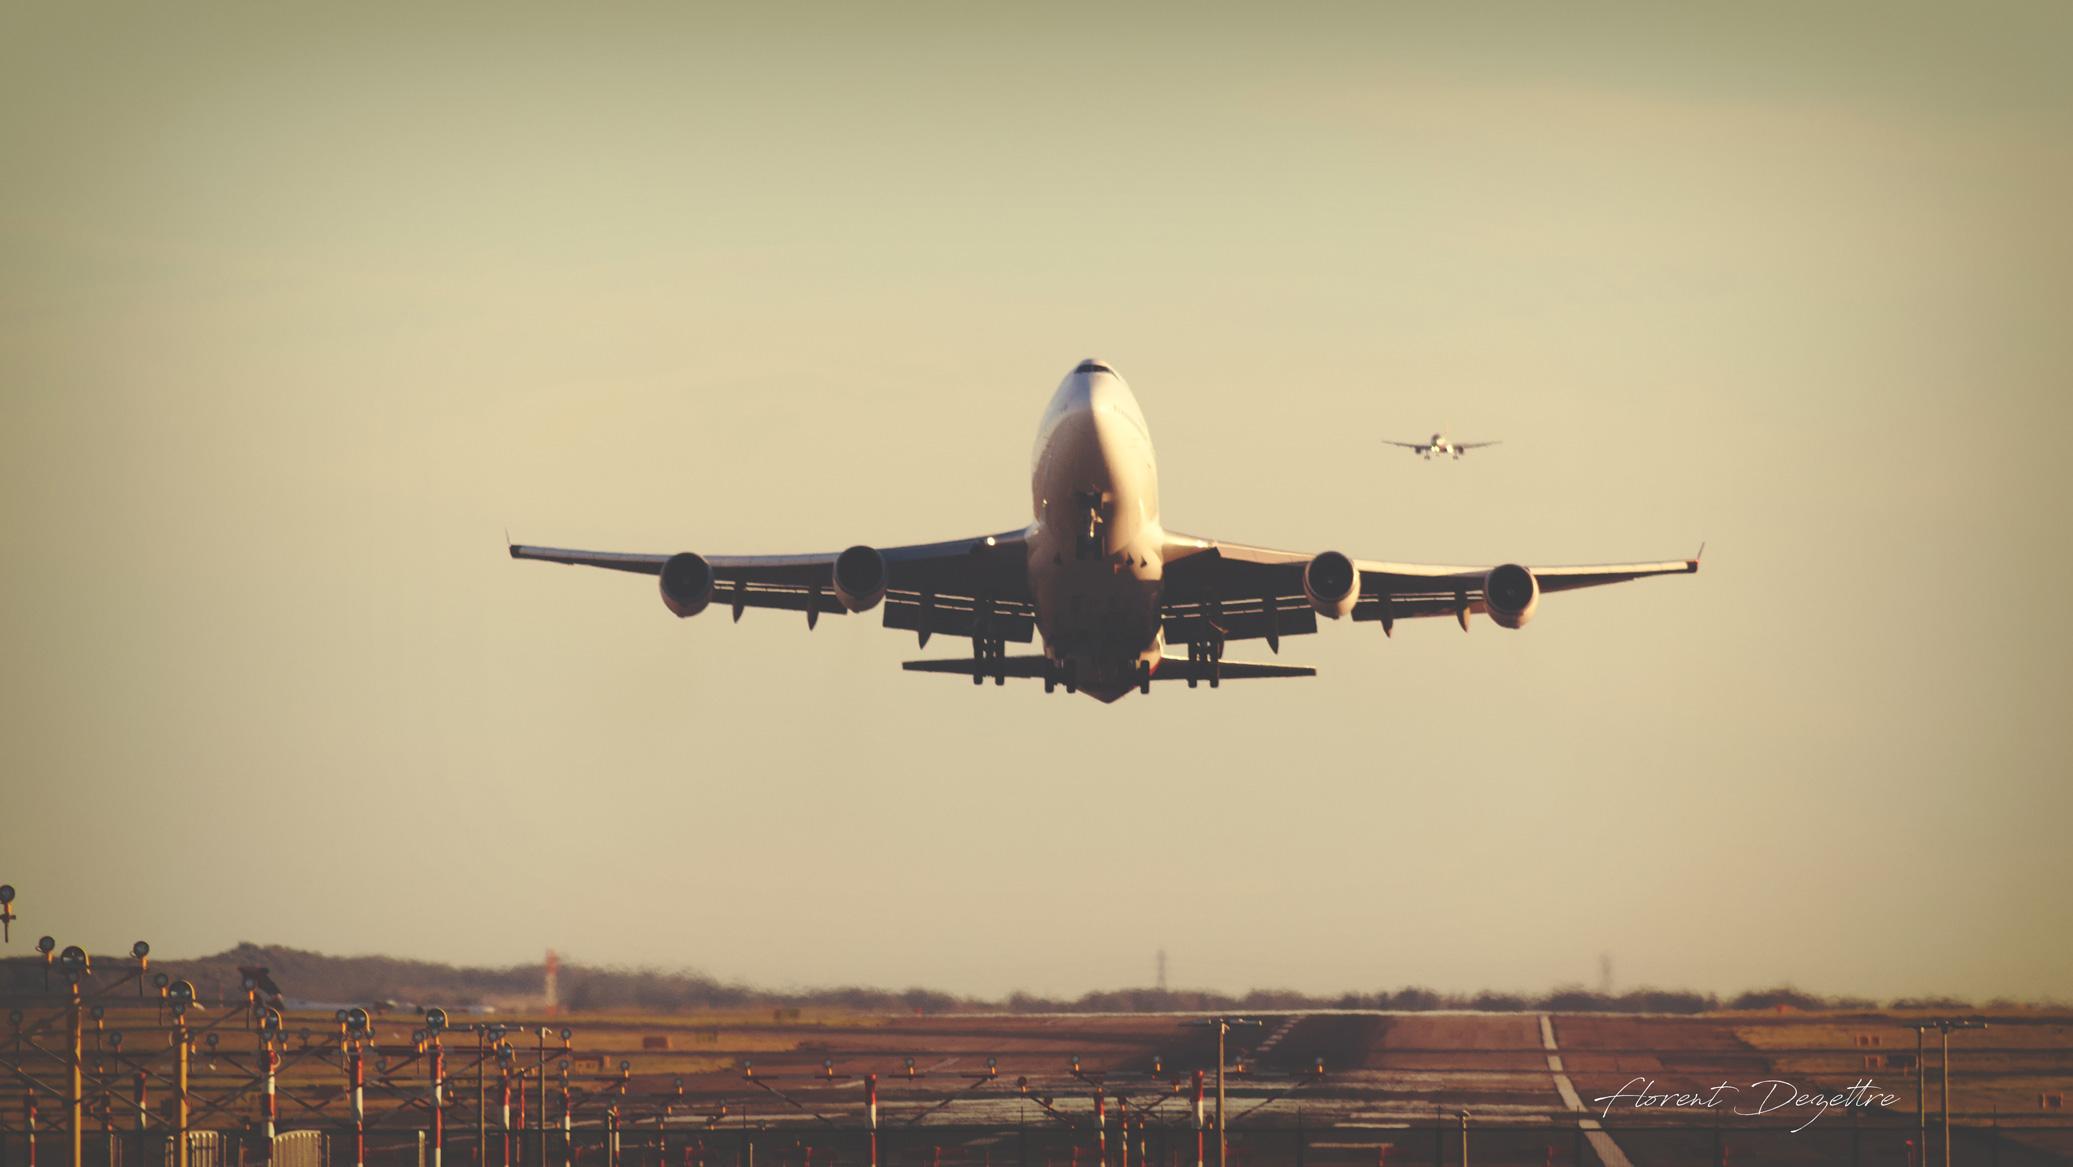 Queen's-Departure